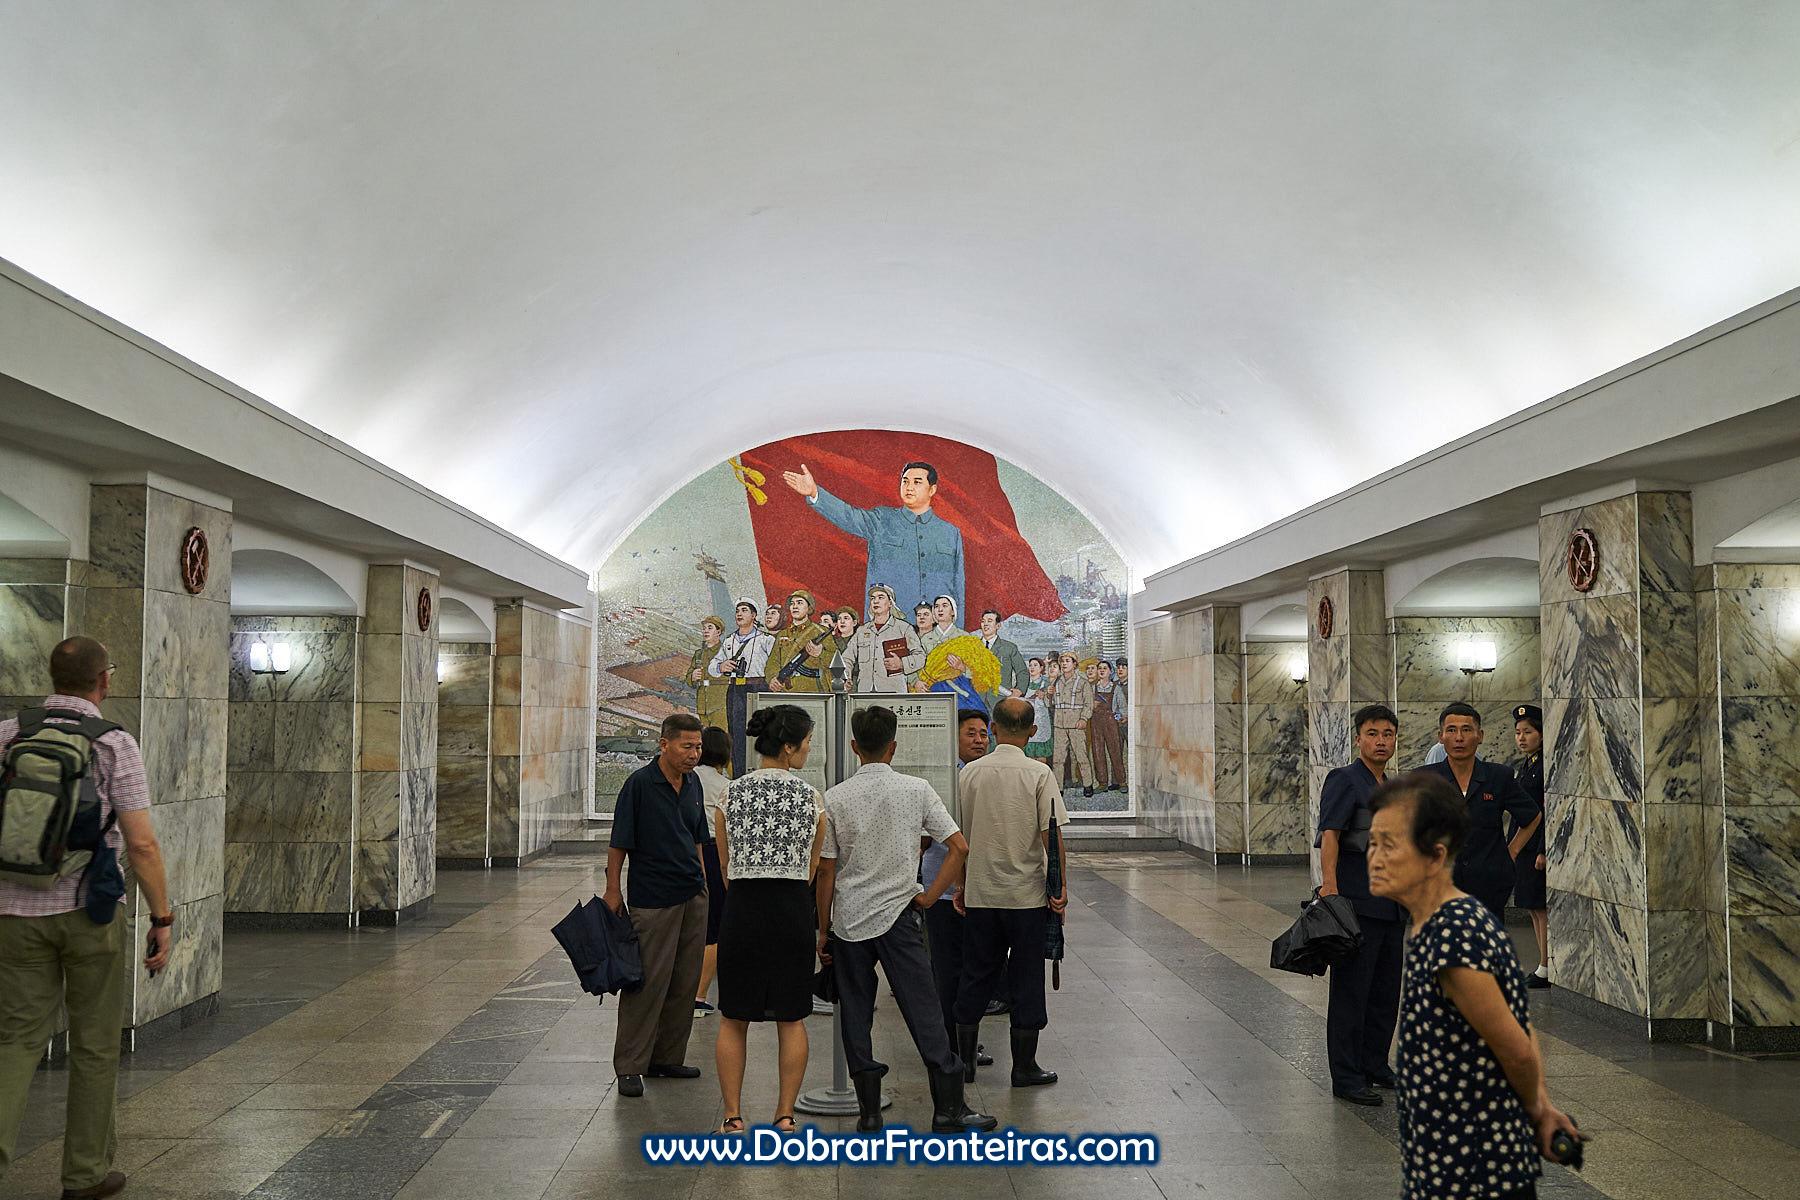 Estação de Pulgunbyol com mural de mosaico com Kim-il-Sung e alguns passageiros a ler jornal